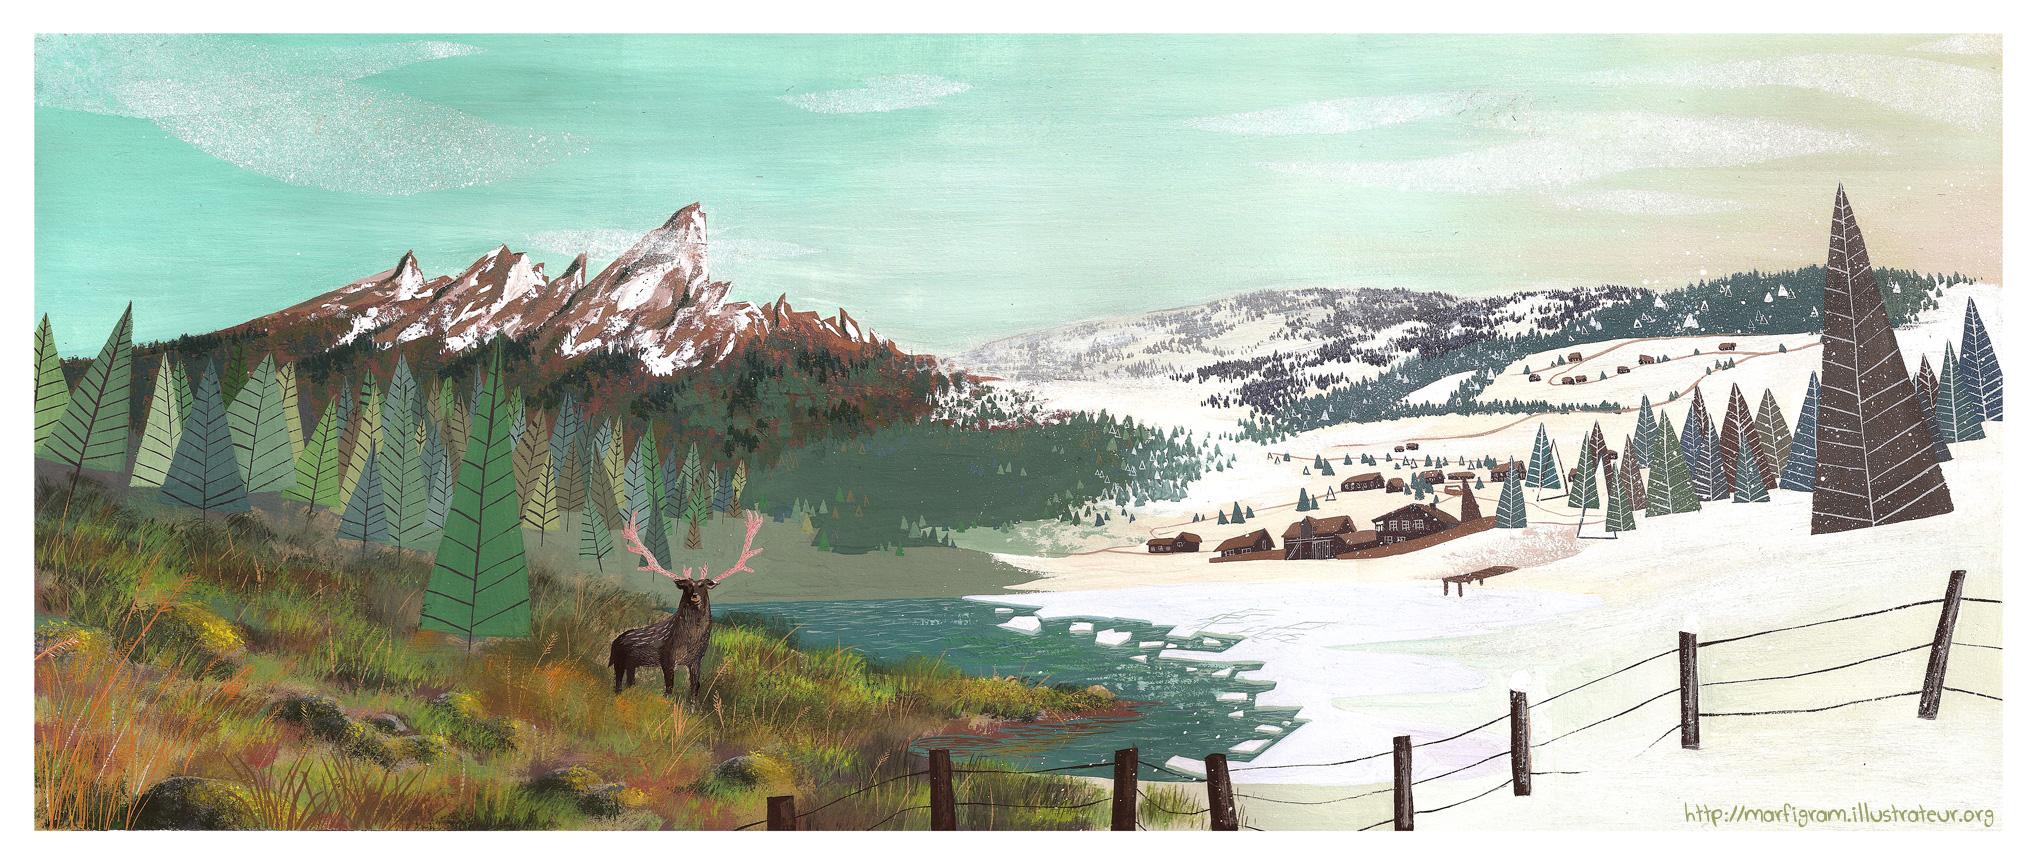 Sweden summer/winter by Marfigram